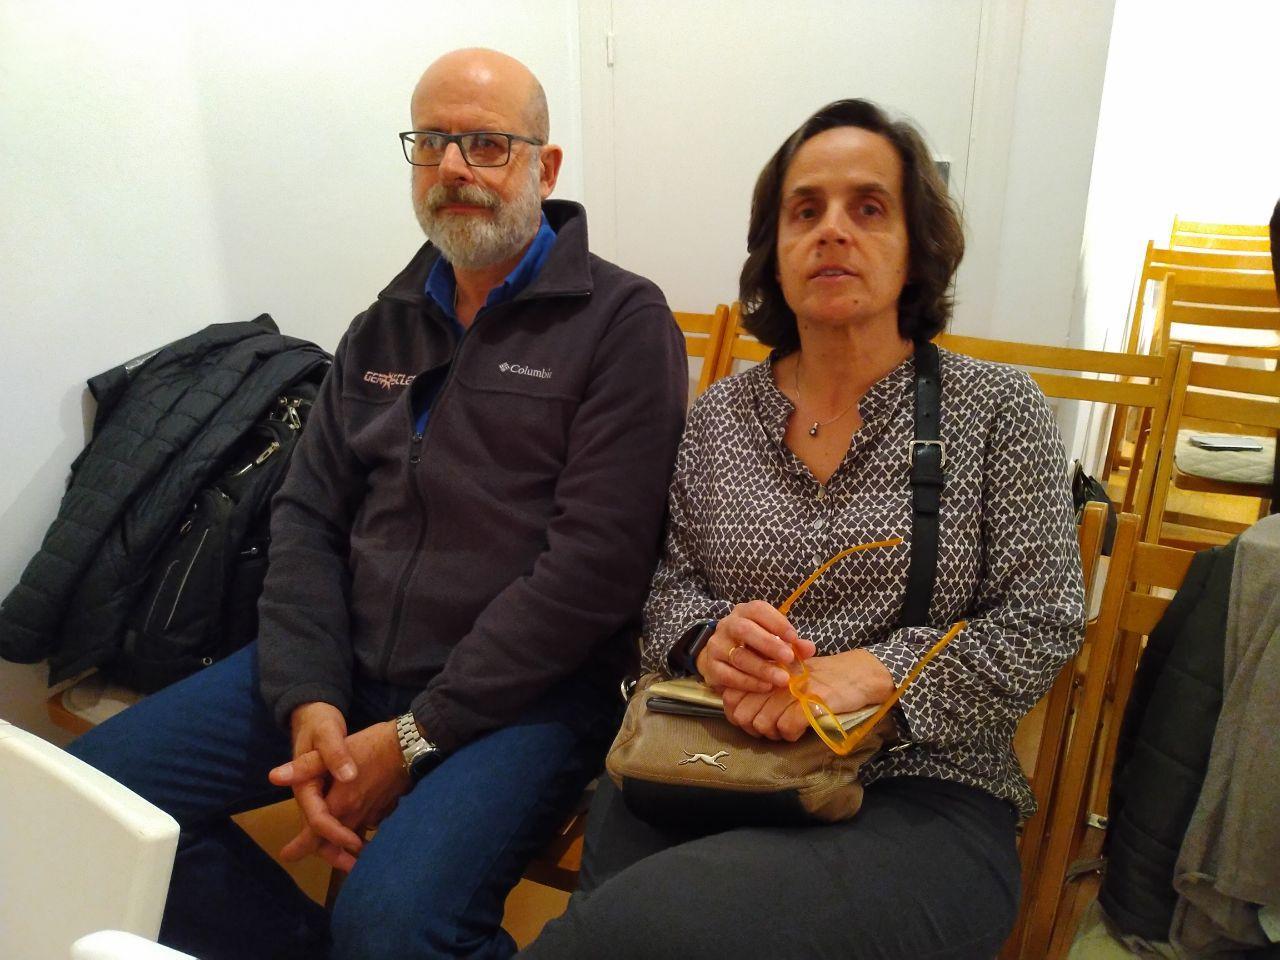 Pilar y Javi, miembros de Gemosclera, sentados antes de la jornada.